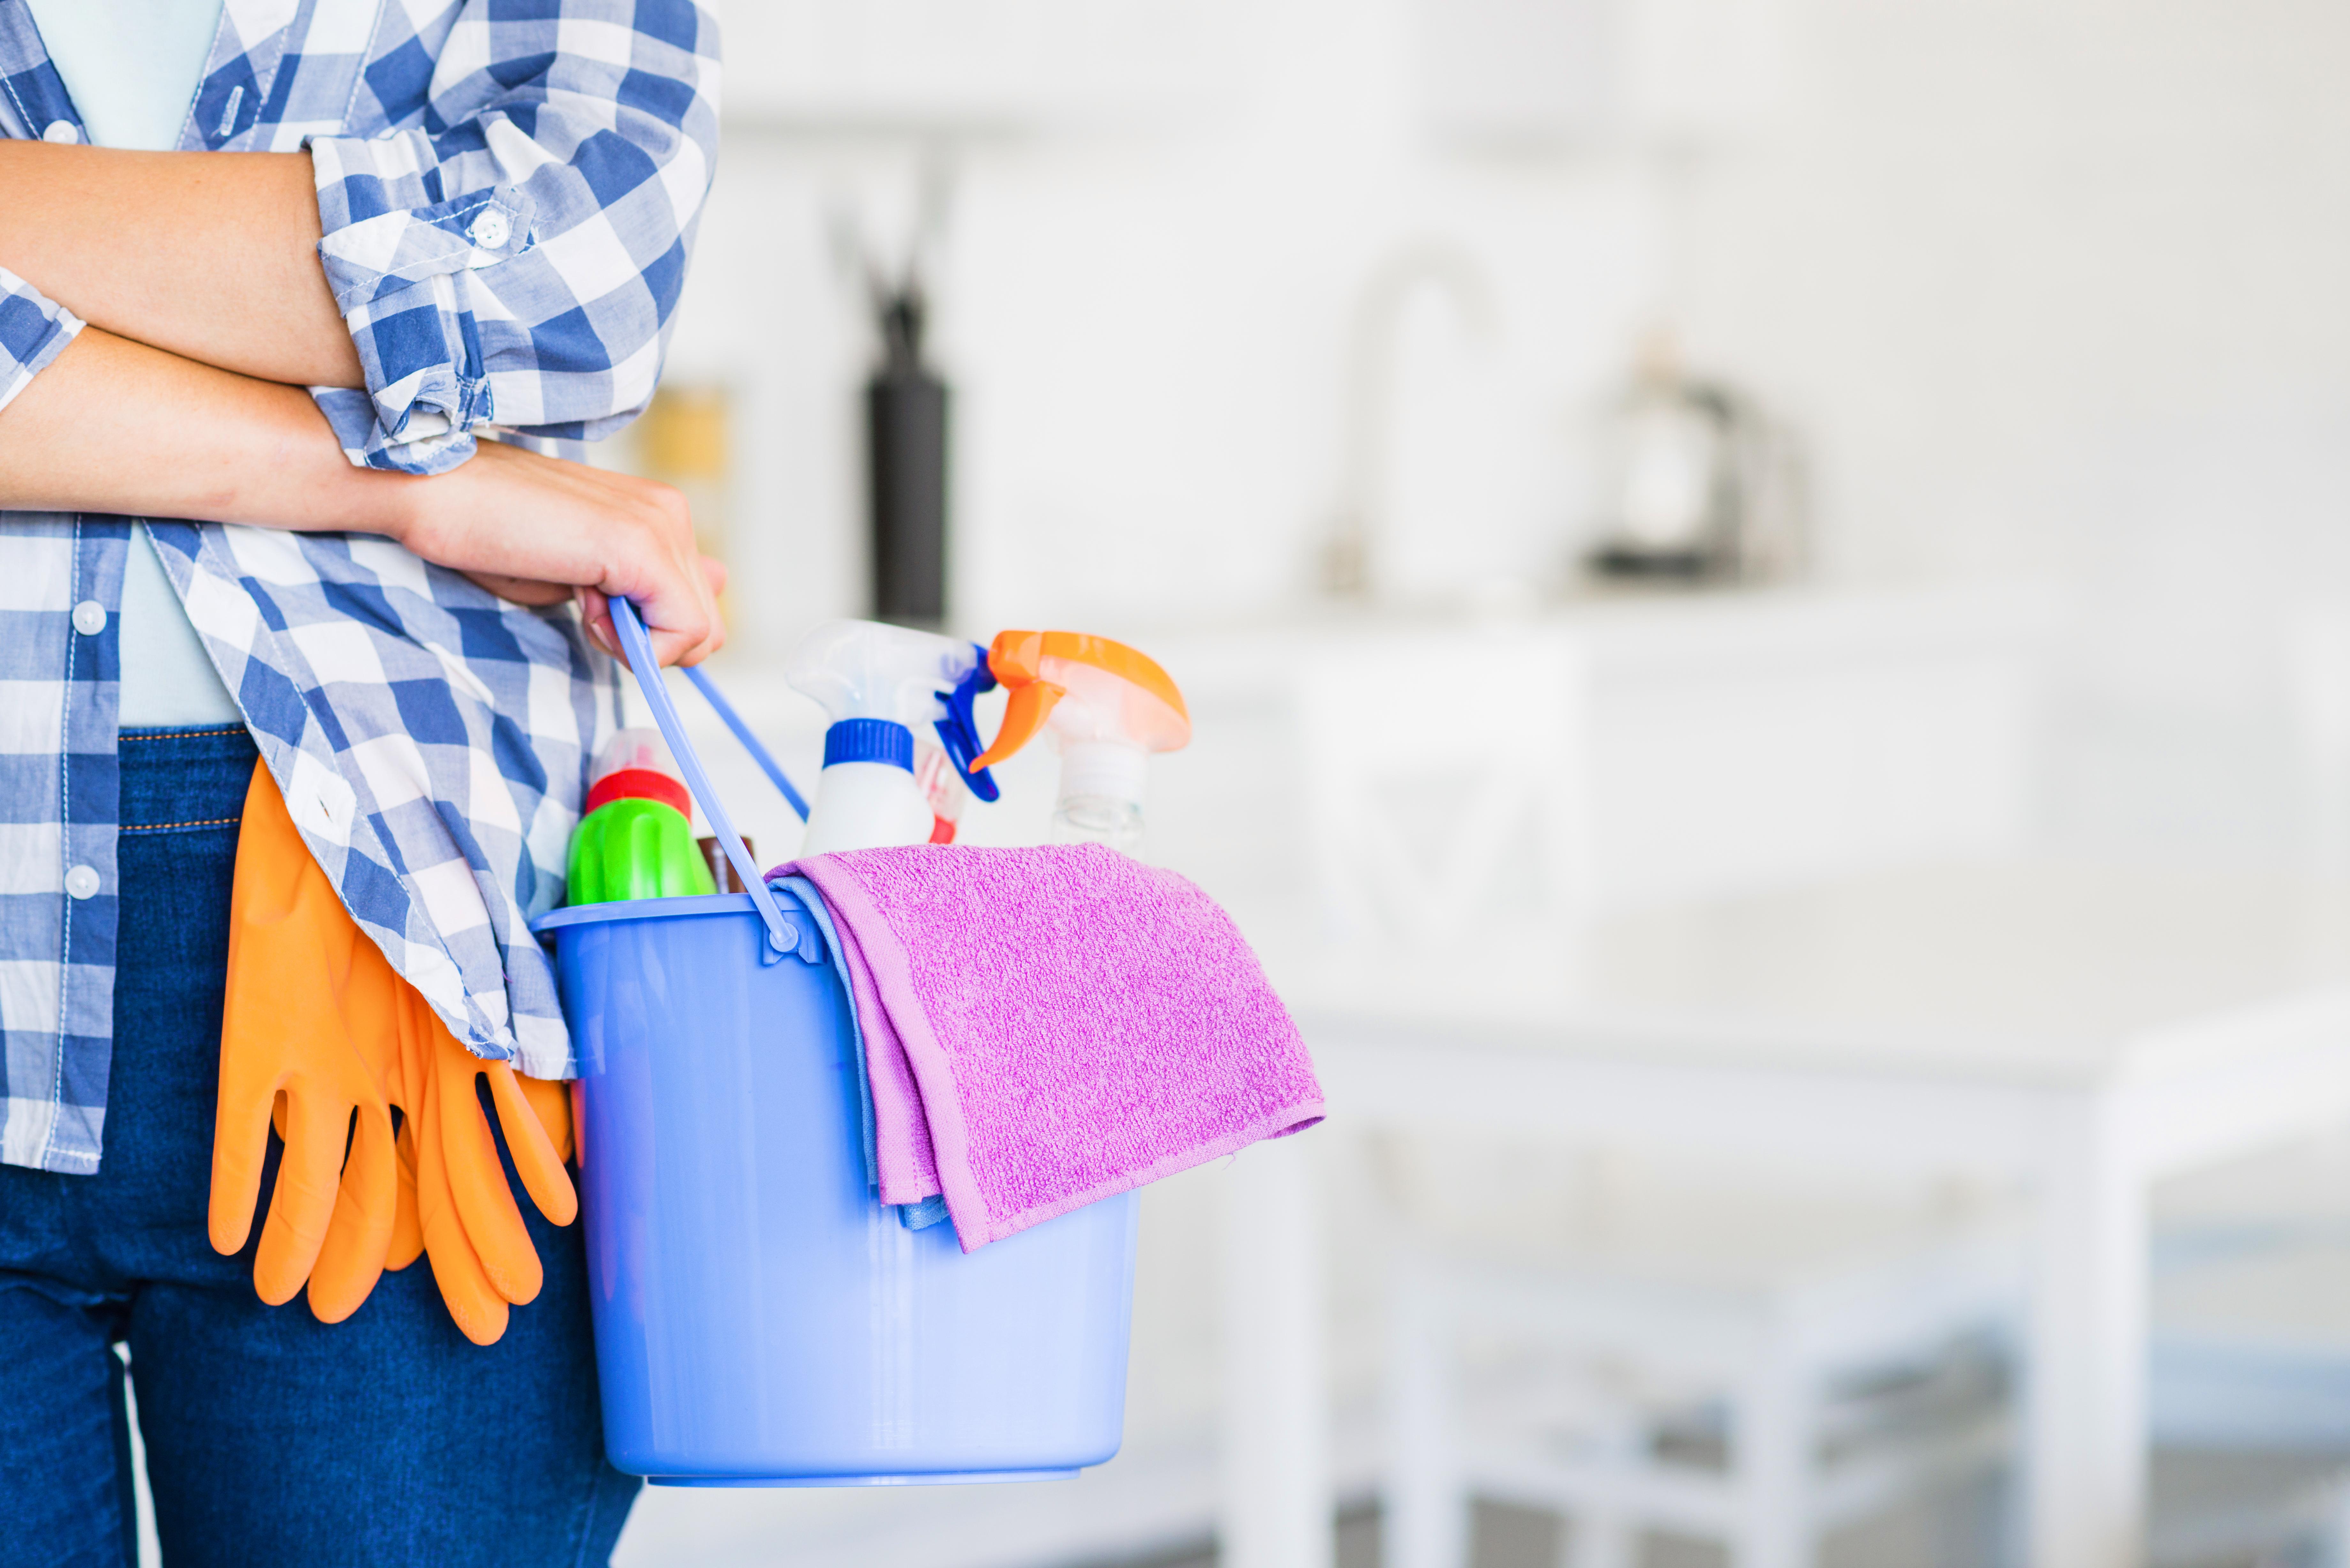 emrpesas de servicios de limpieza - comunidad de vecinos